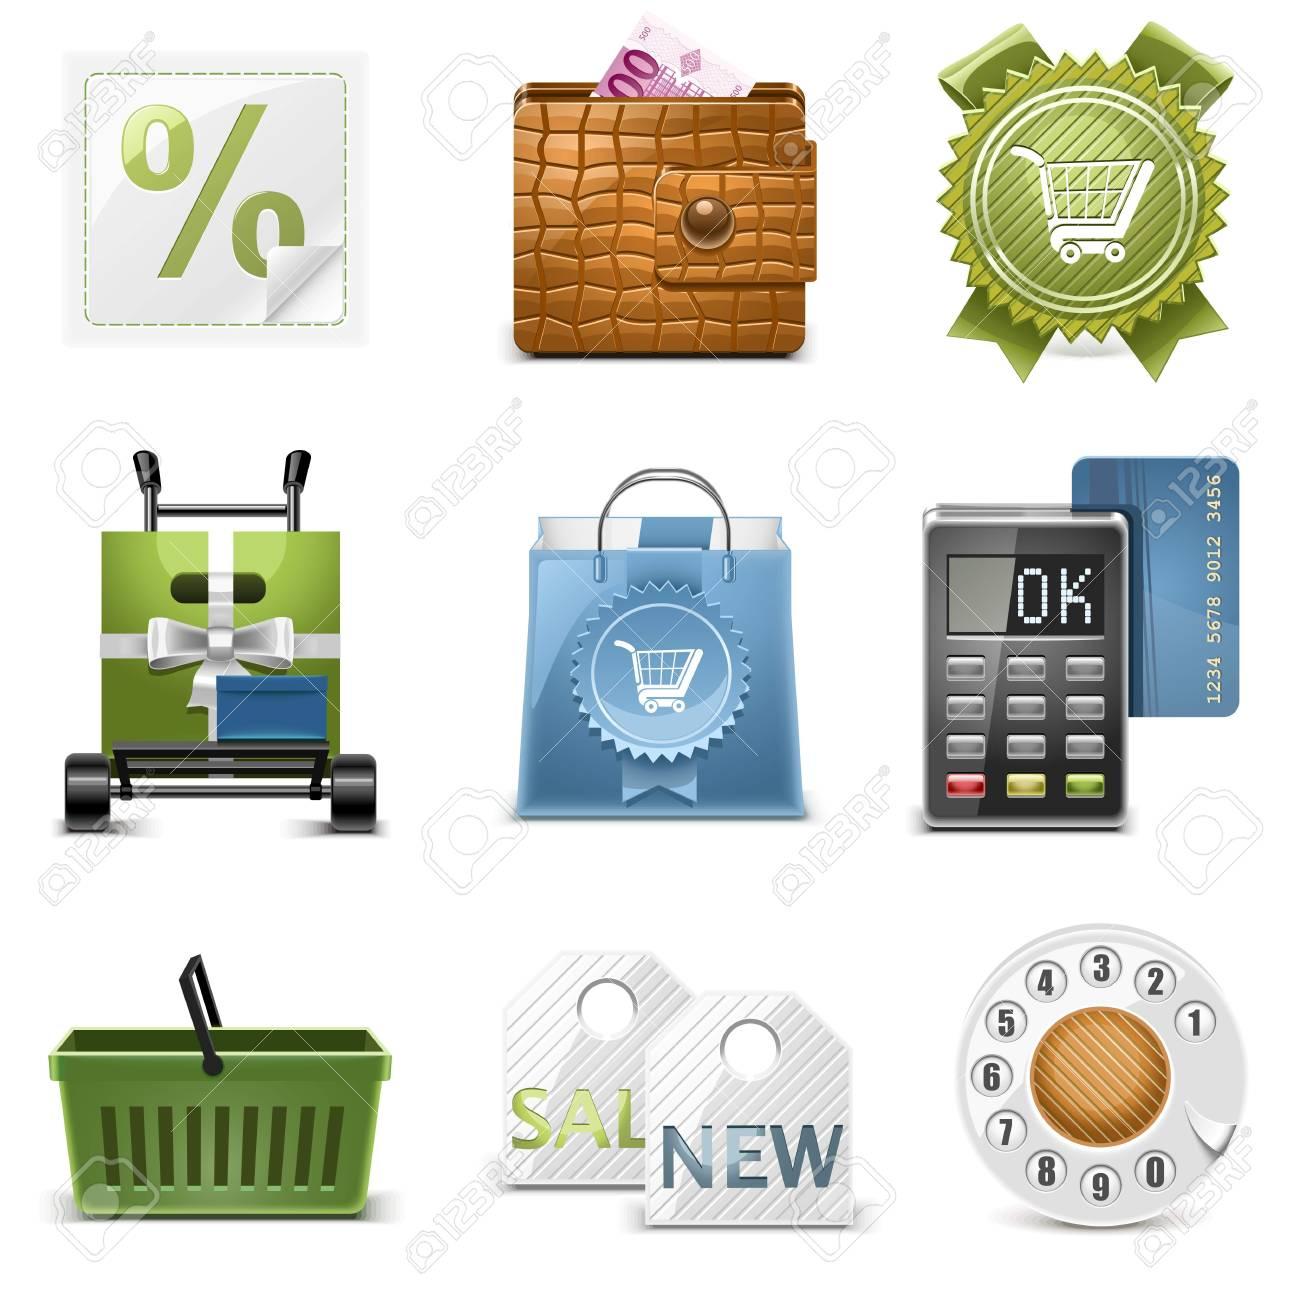 shopping vector icons Stock Vector - 14850442